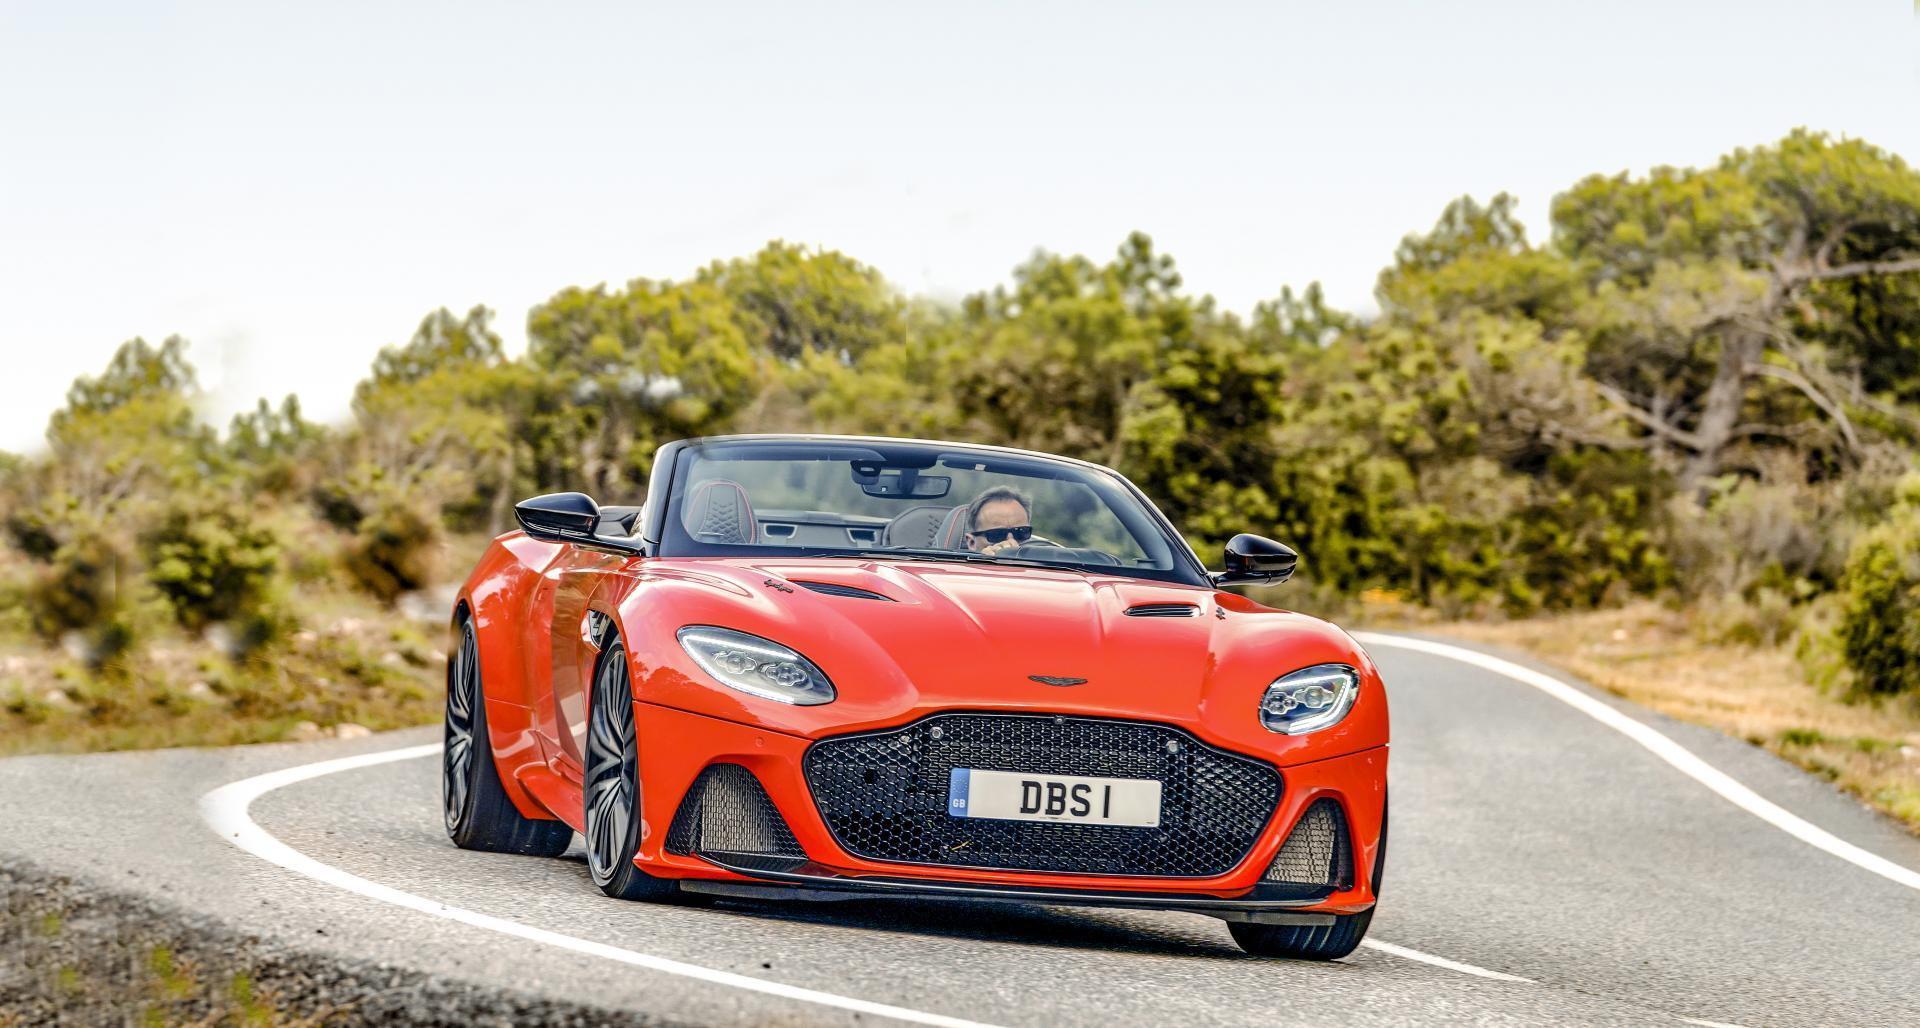 Aston Martin DBS superleggera Volante op de weg voor